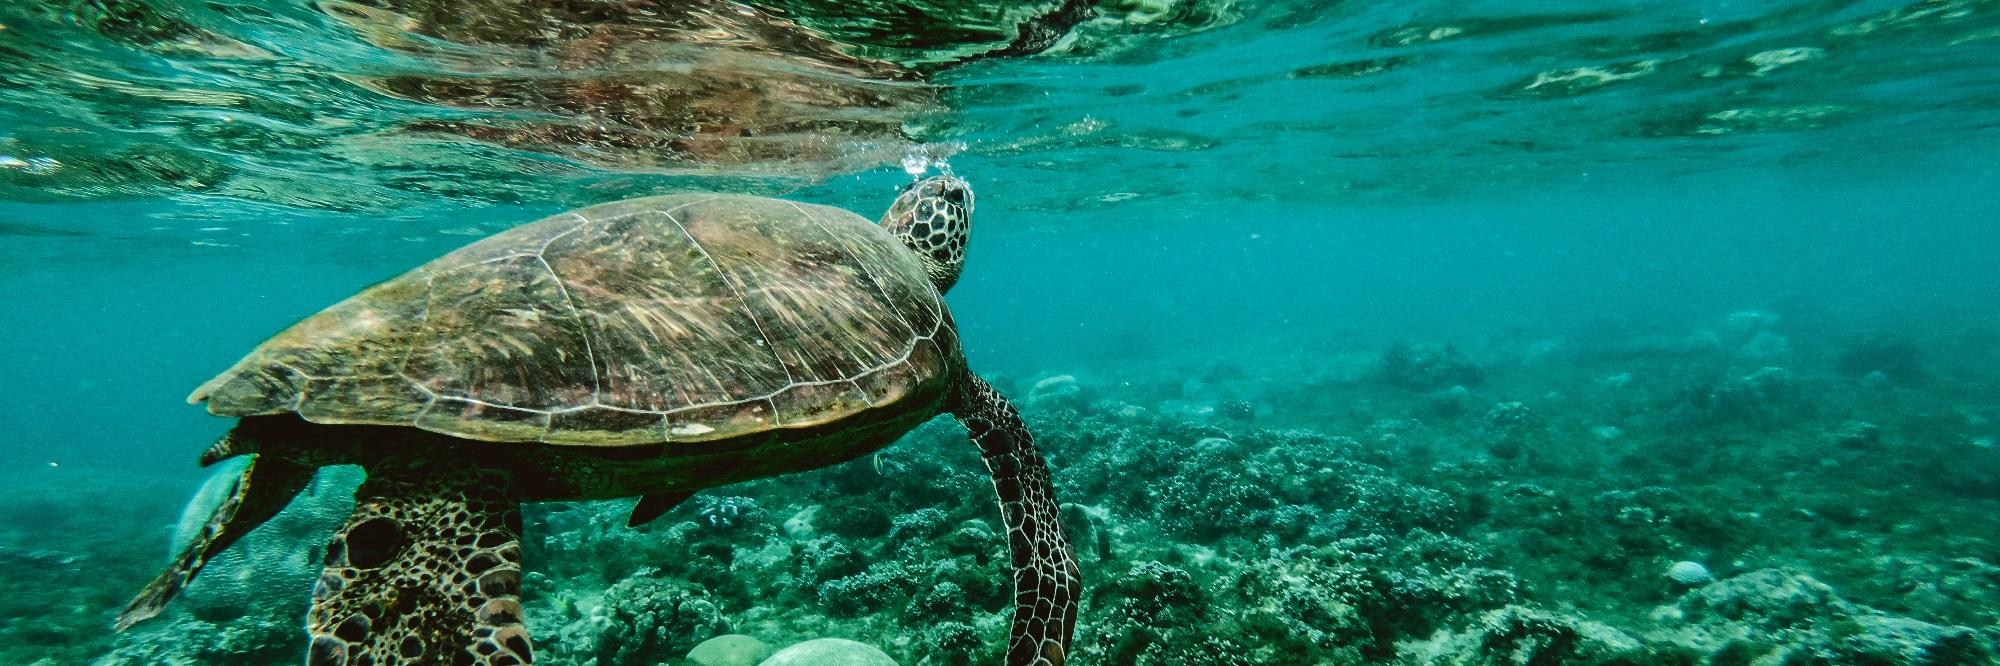 Unser Plastik verschmutzt unsere Meere